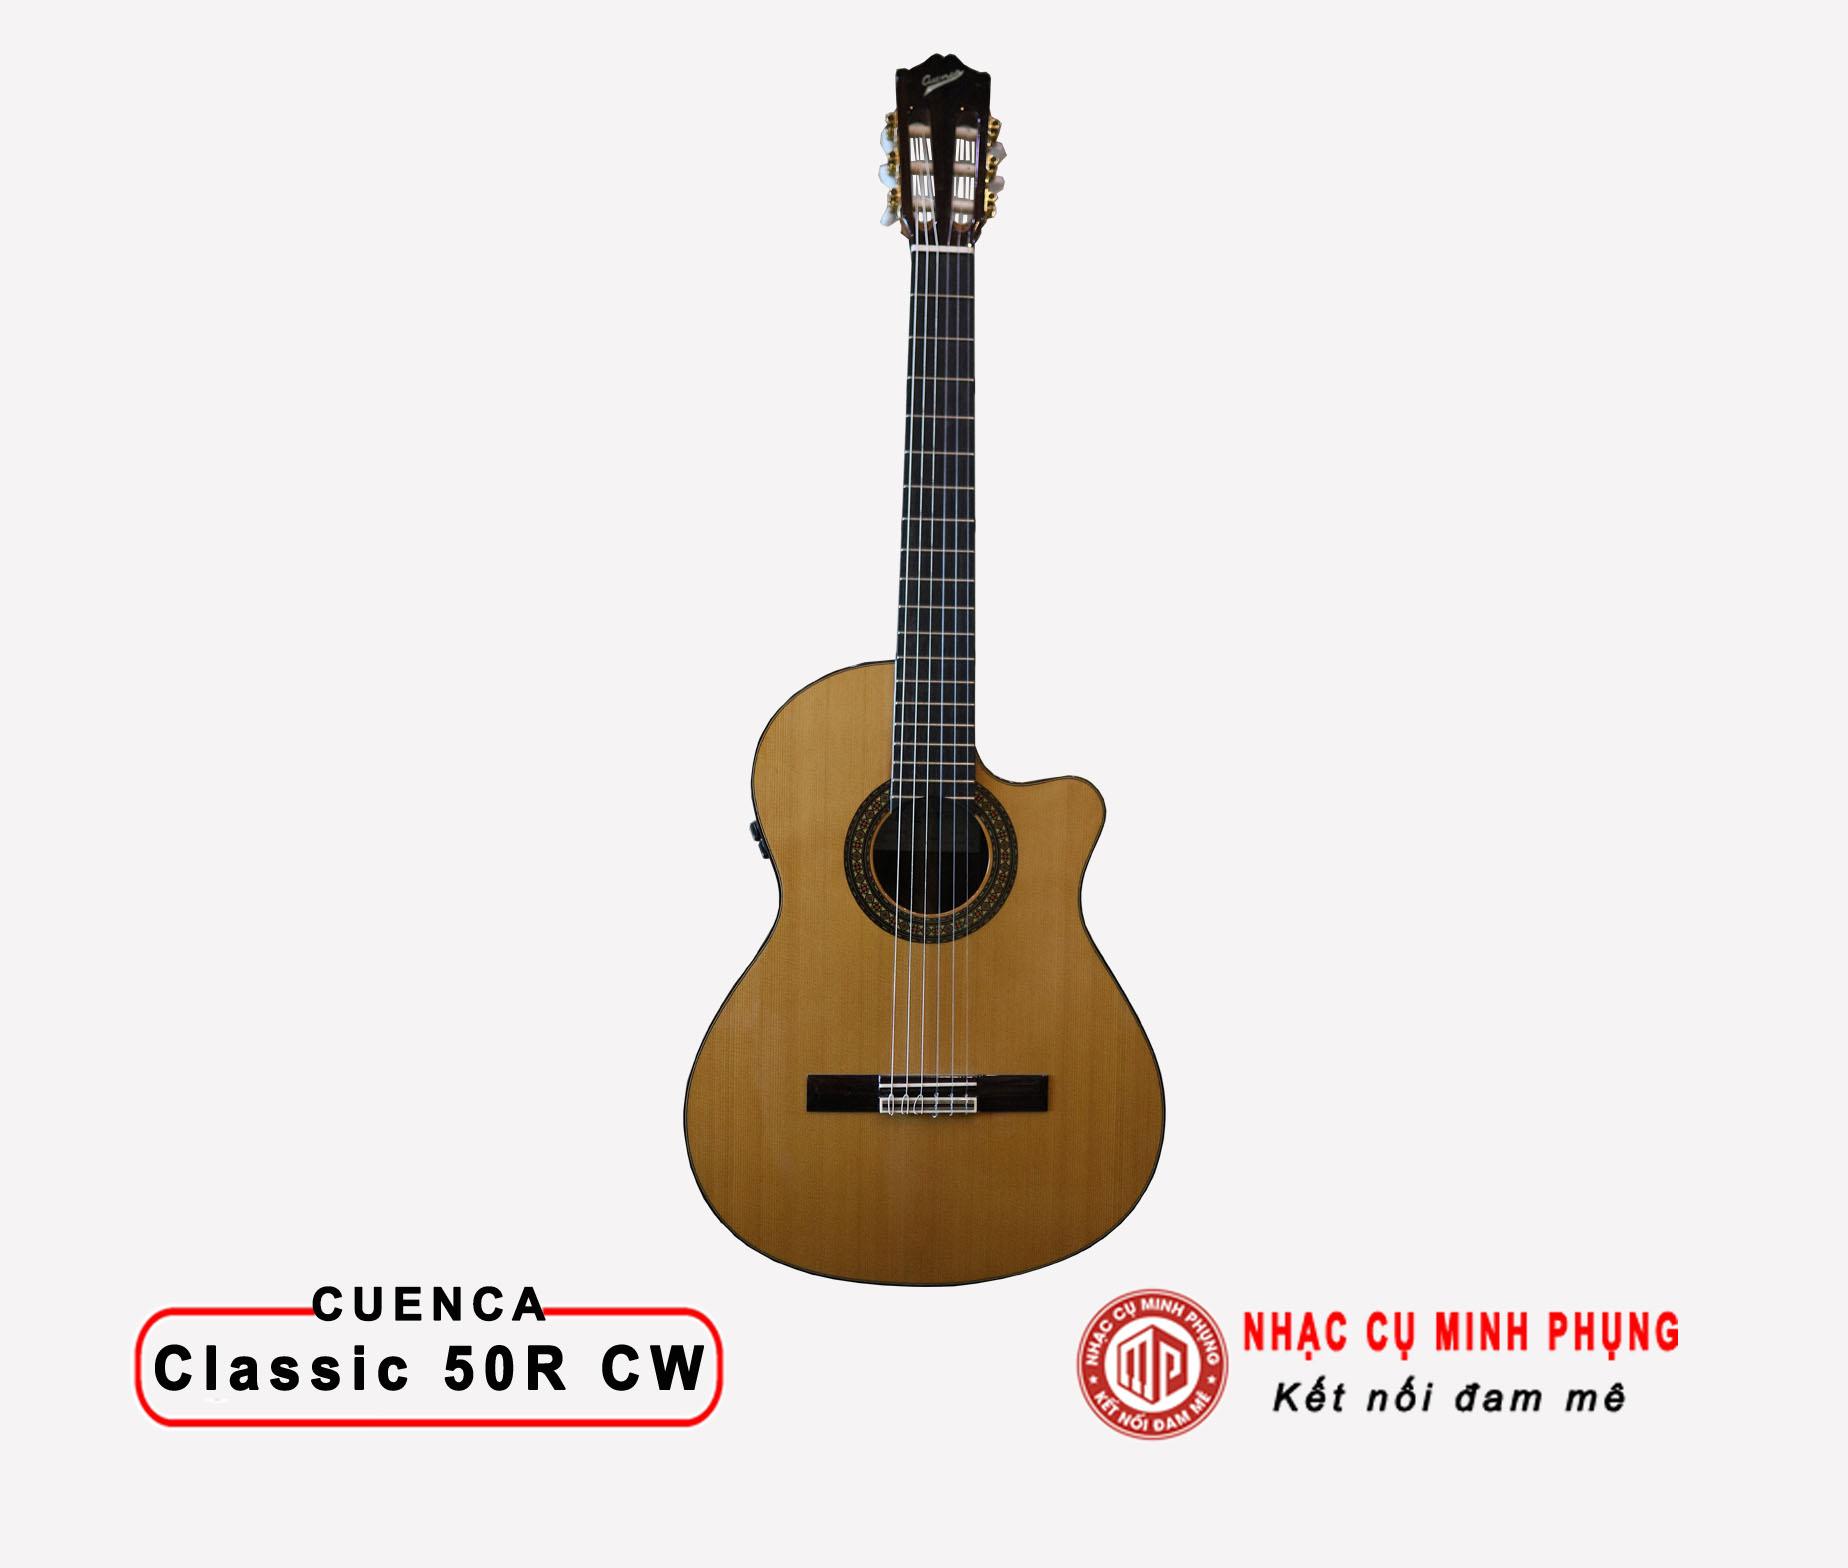 dan_guitar_cuenca